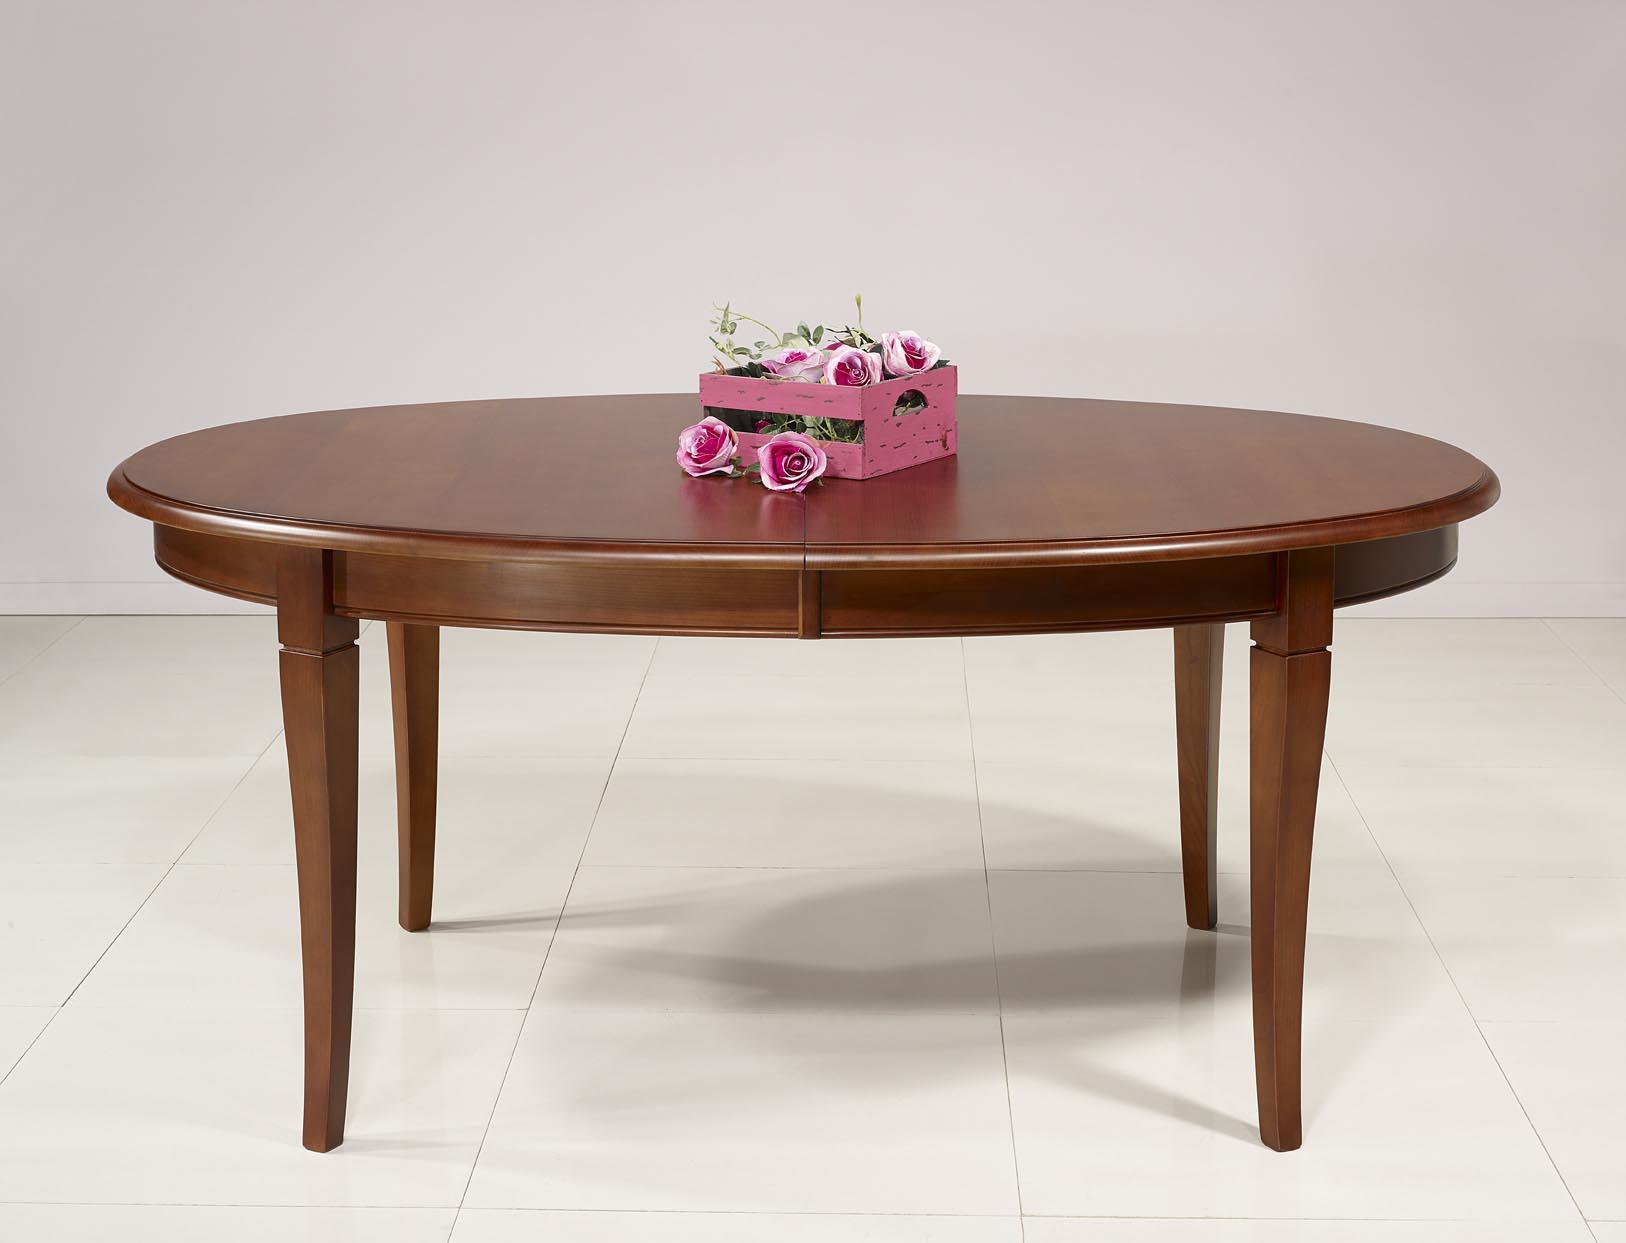 table ovale de salle a manger estelle realisee en merisier massif 170x110 de style louis philippe 4 allonges de 40 cm